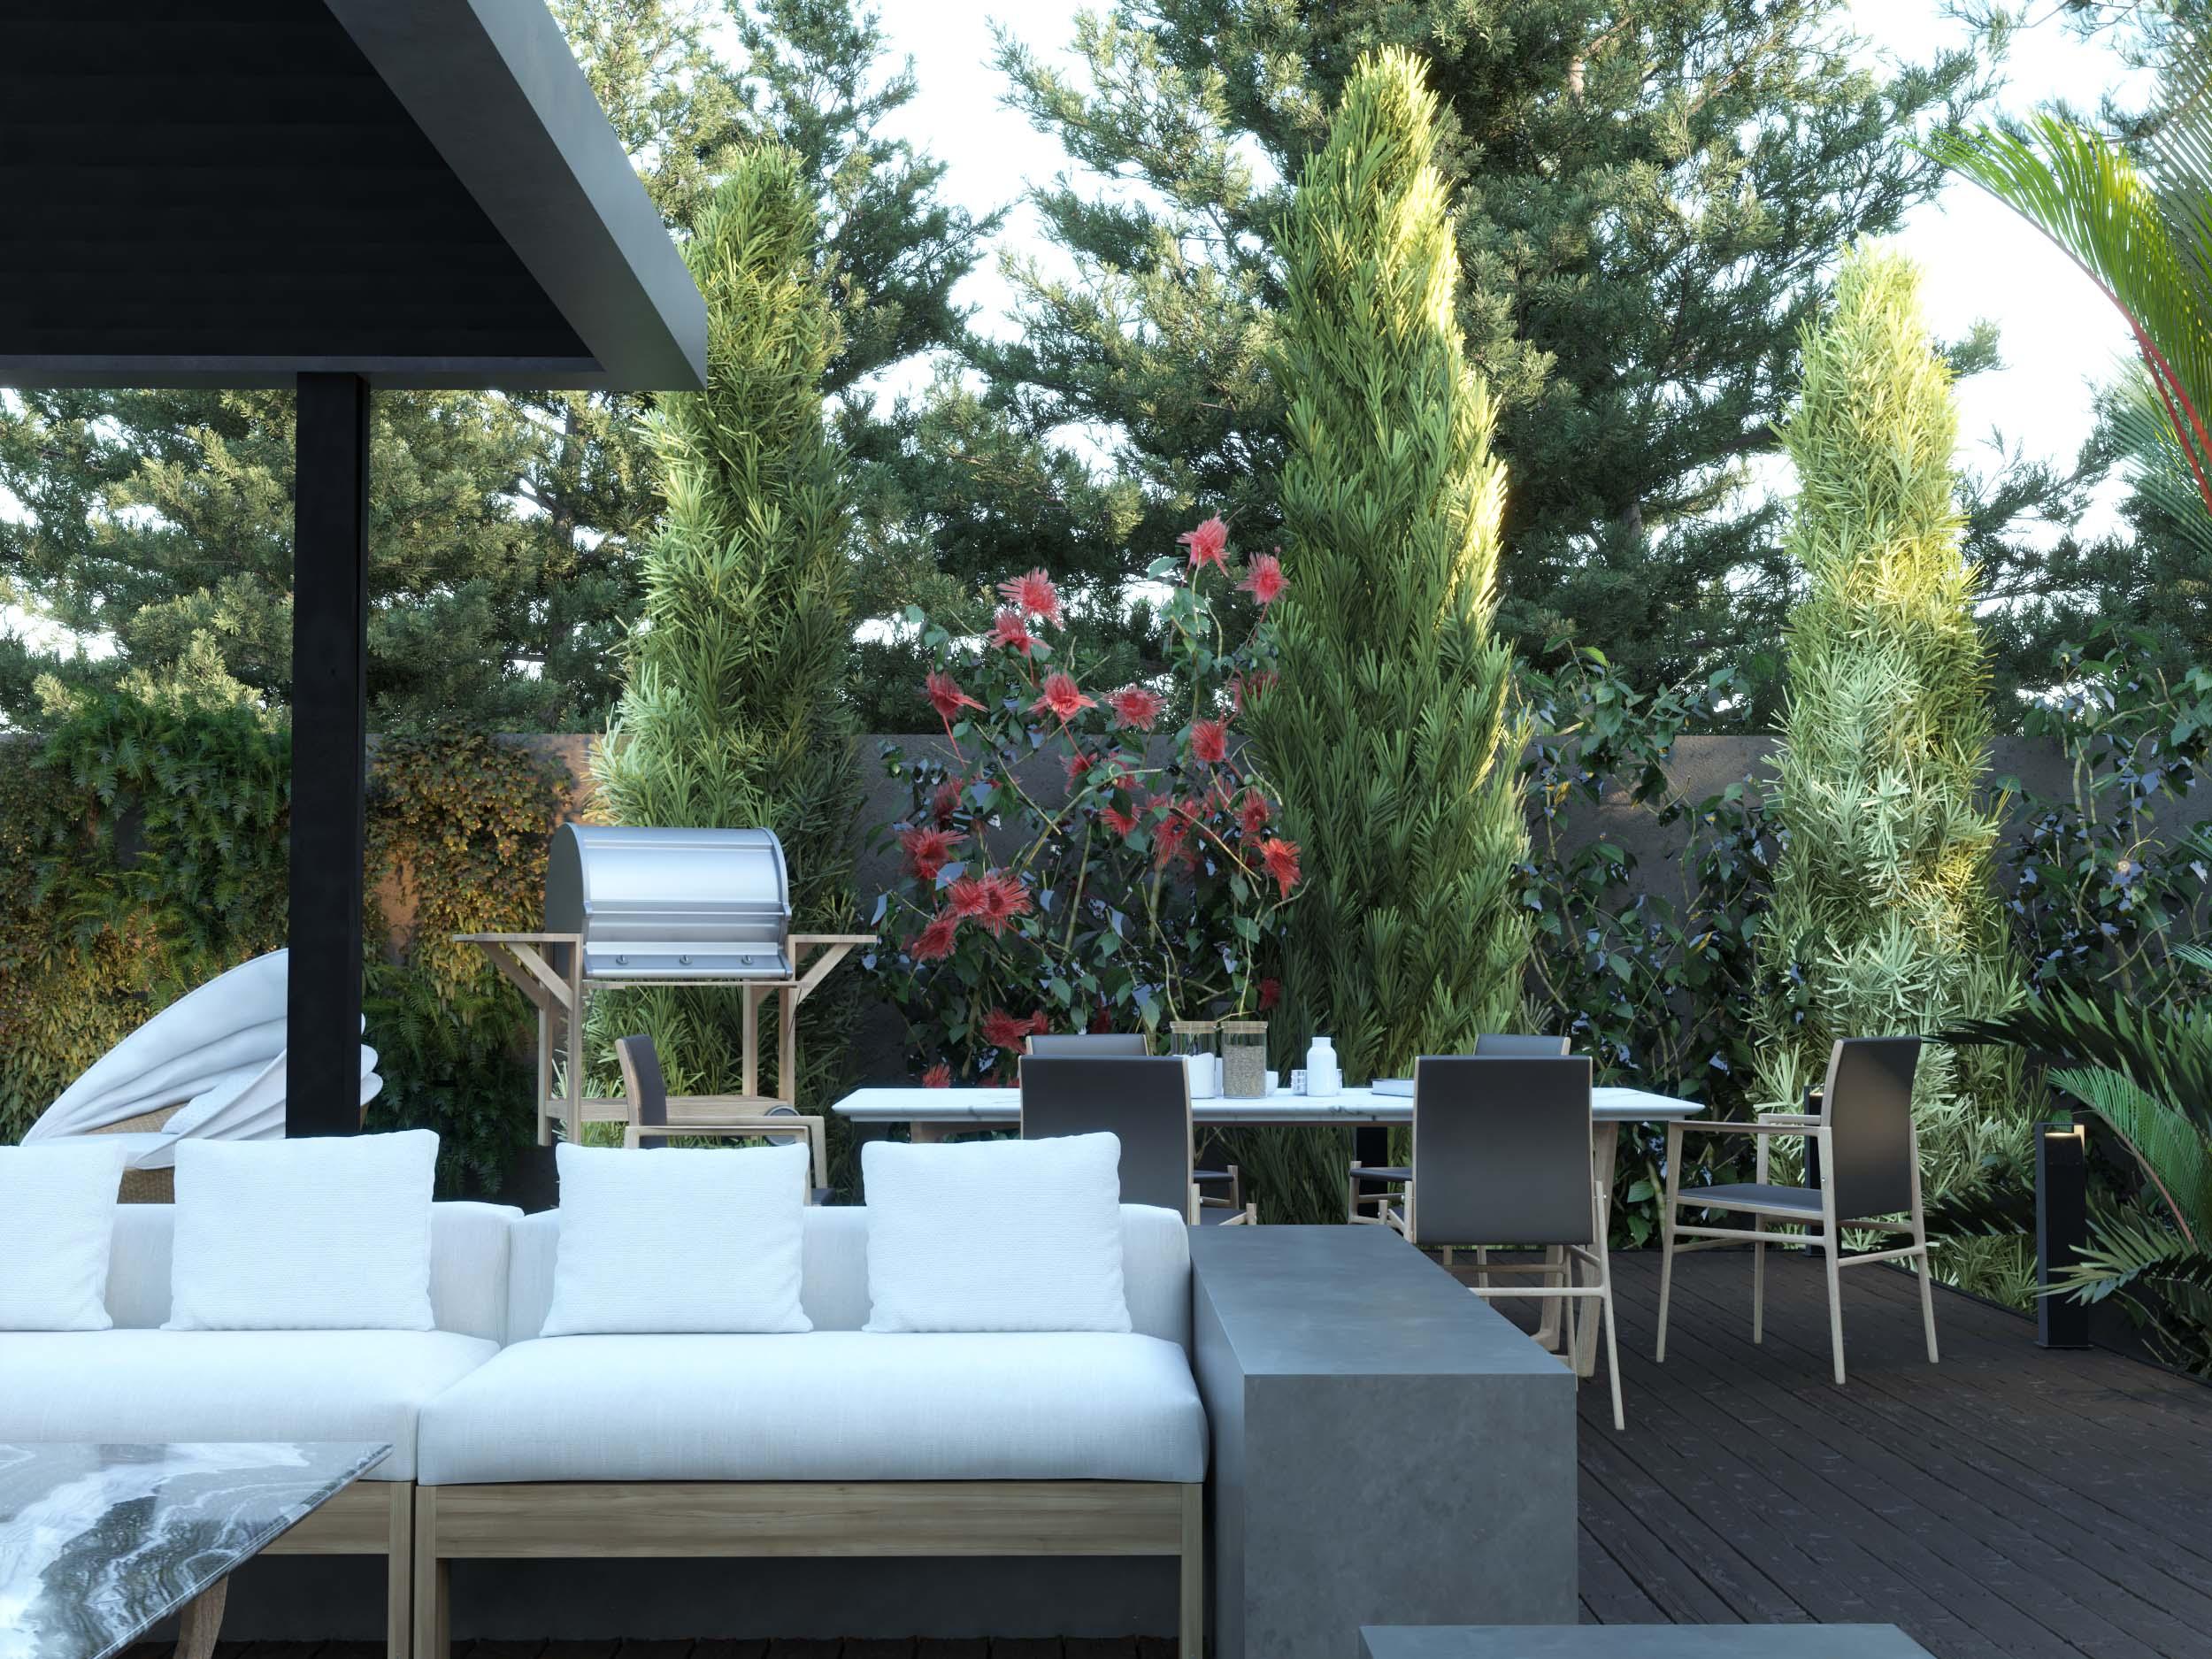 dining area - garden design - landscape - sitting area